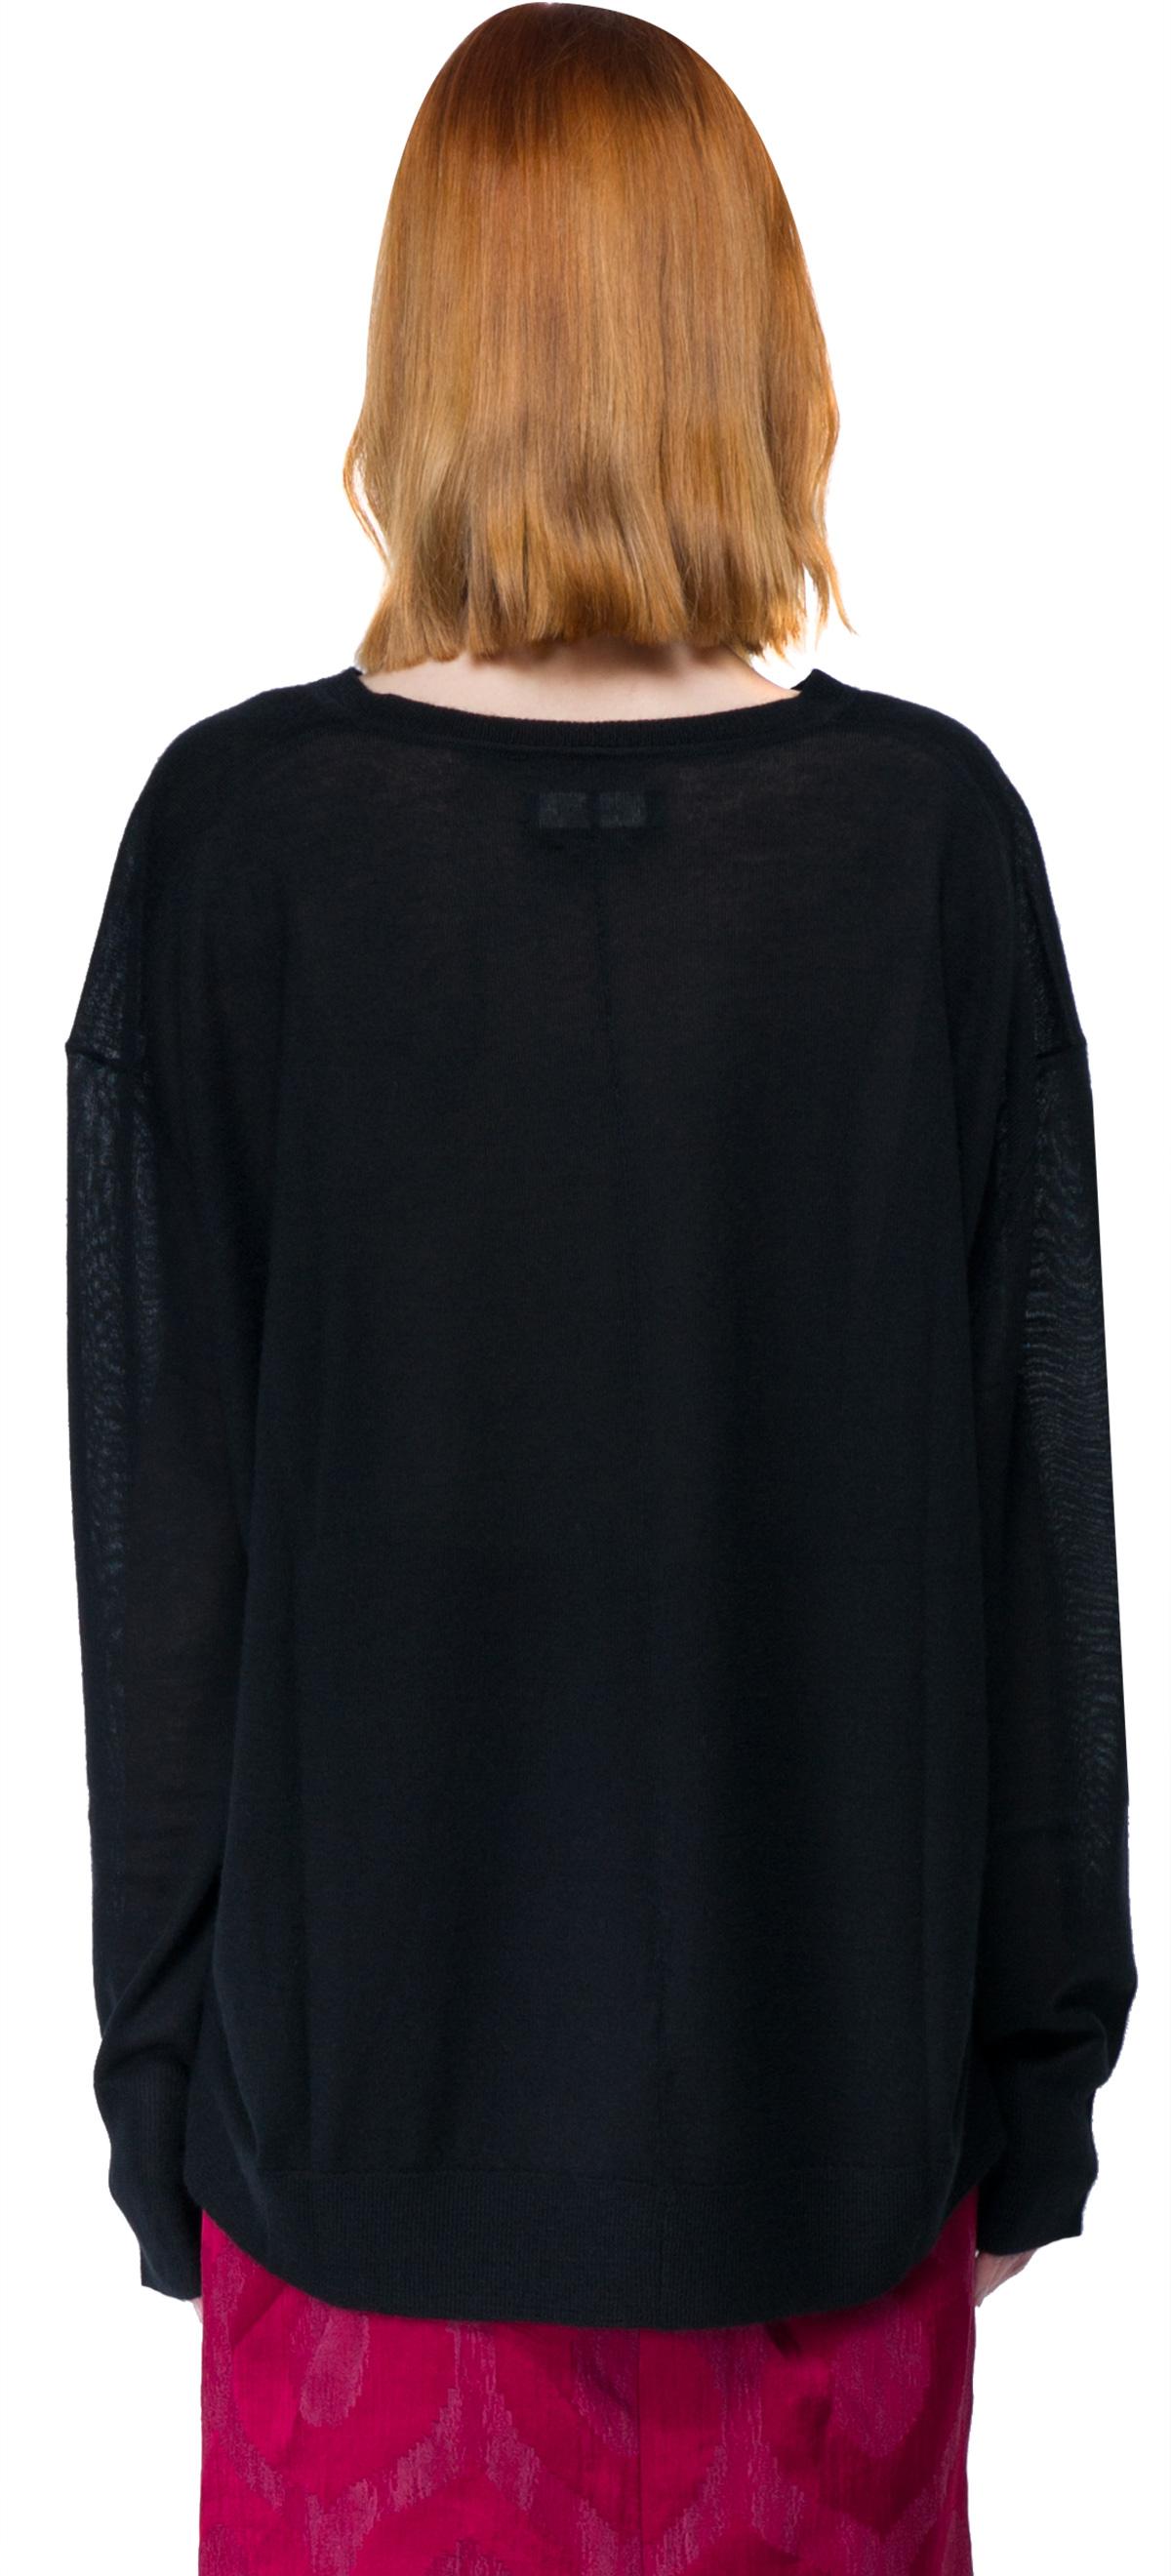 isabel marant sweater in black lyst. Black Bedroom Furniture Sets. Home Design Ideas